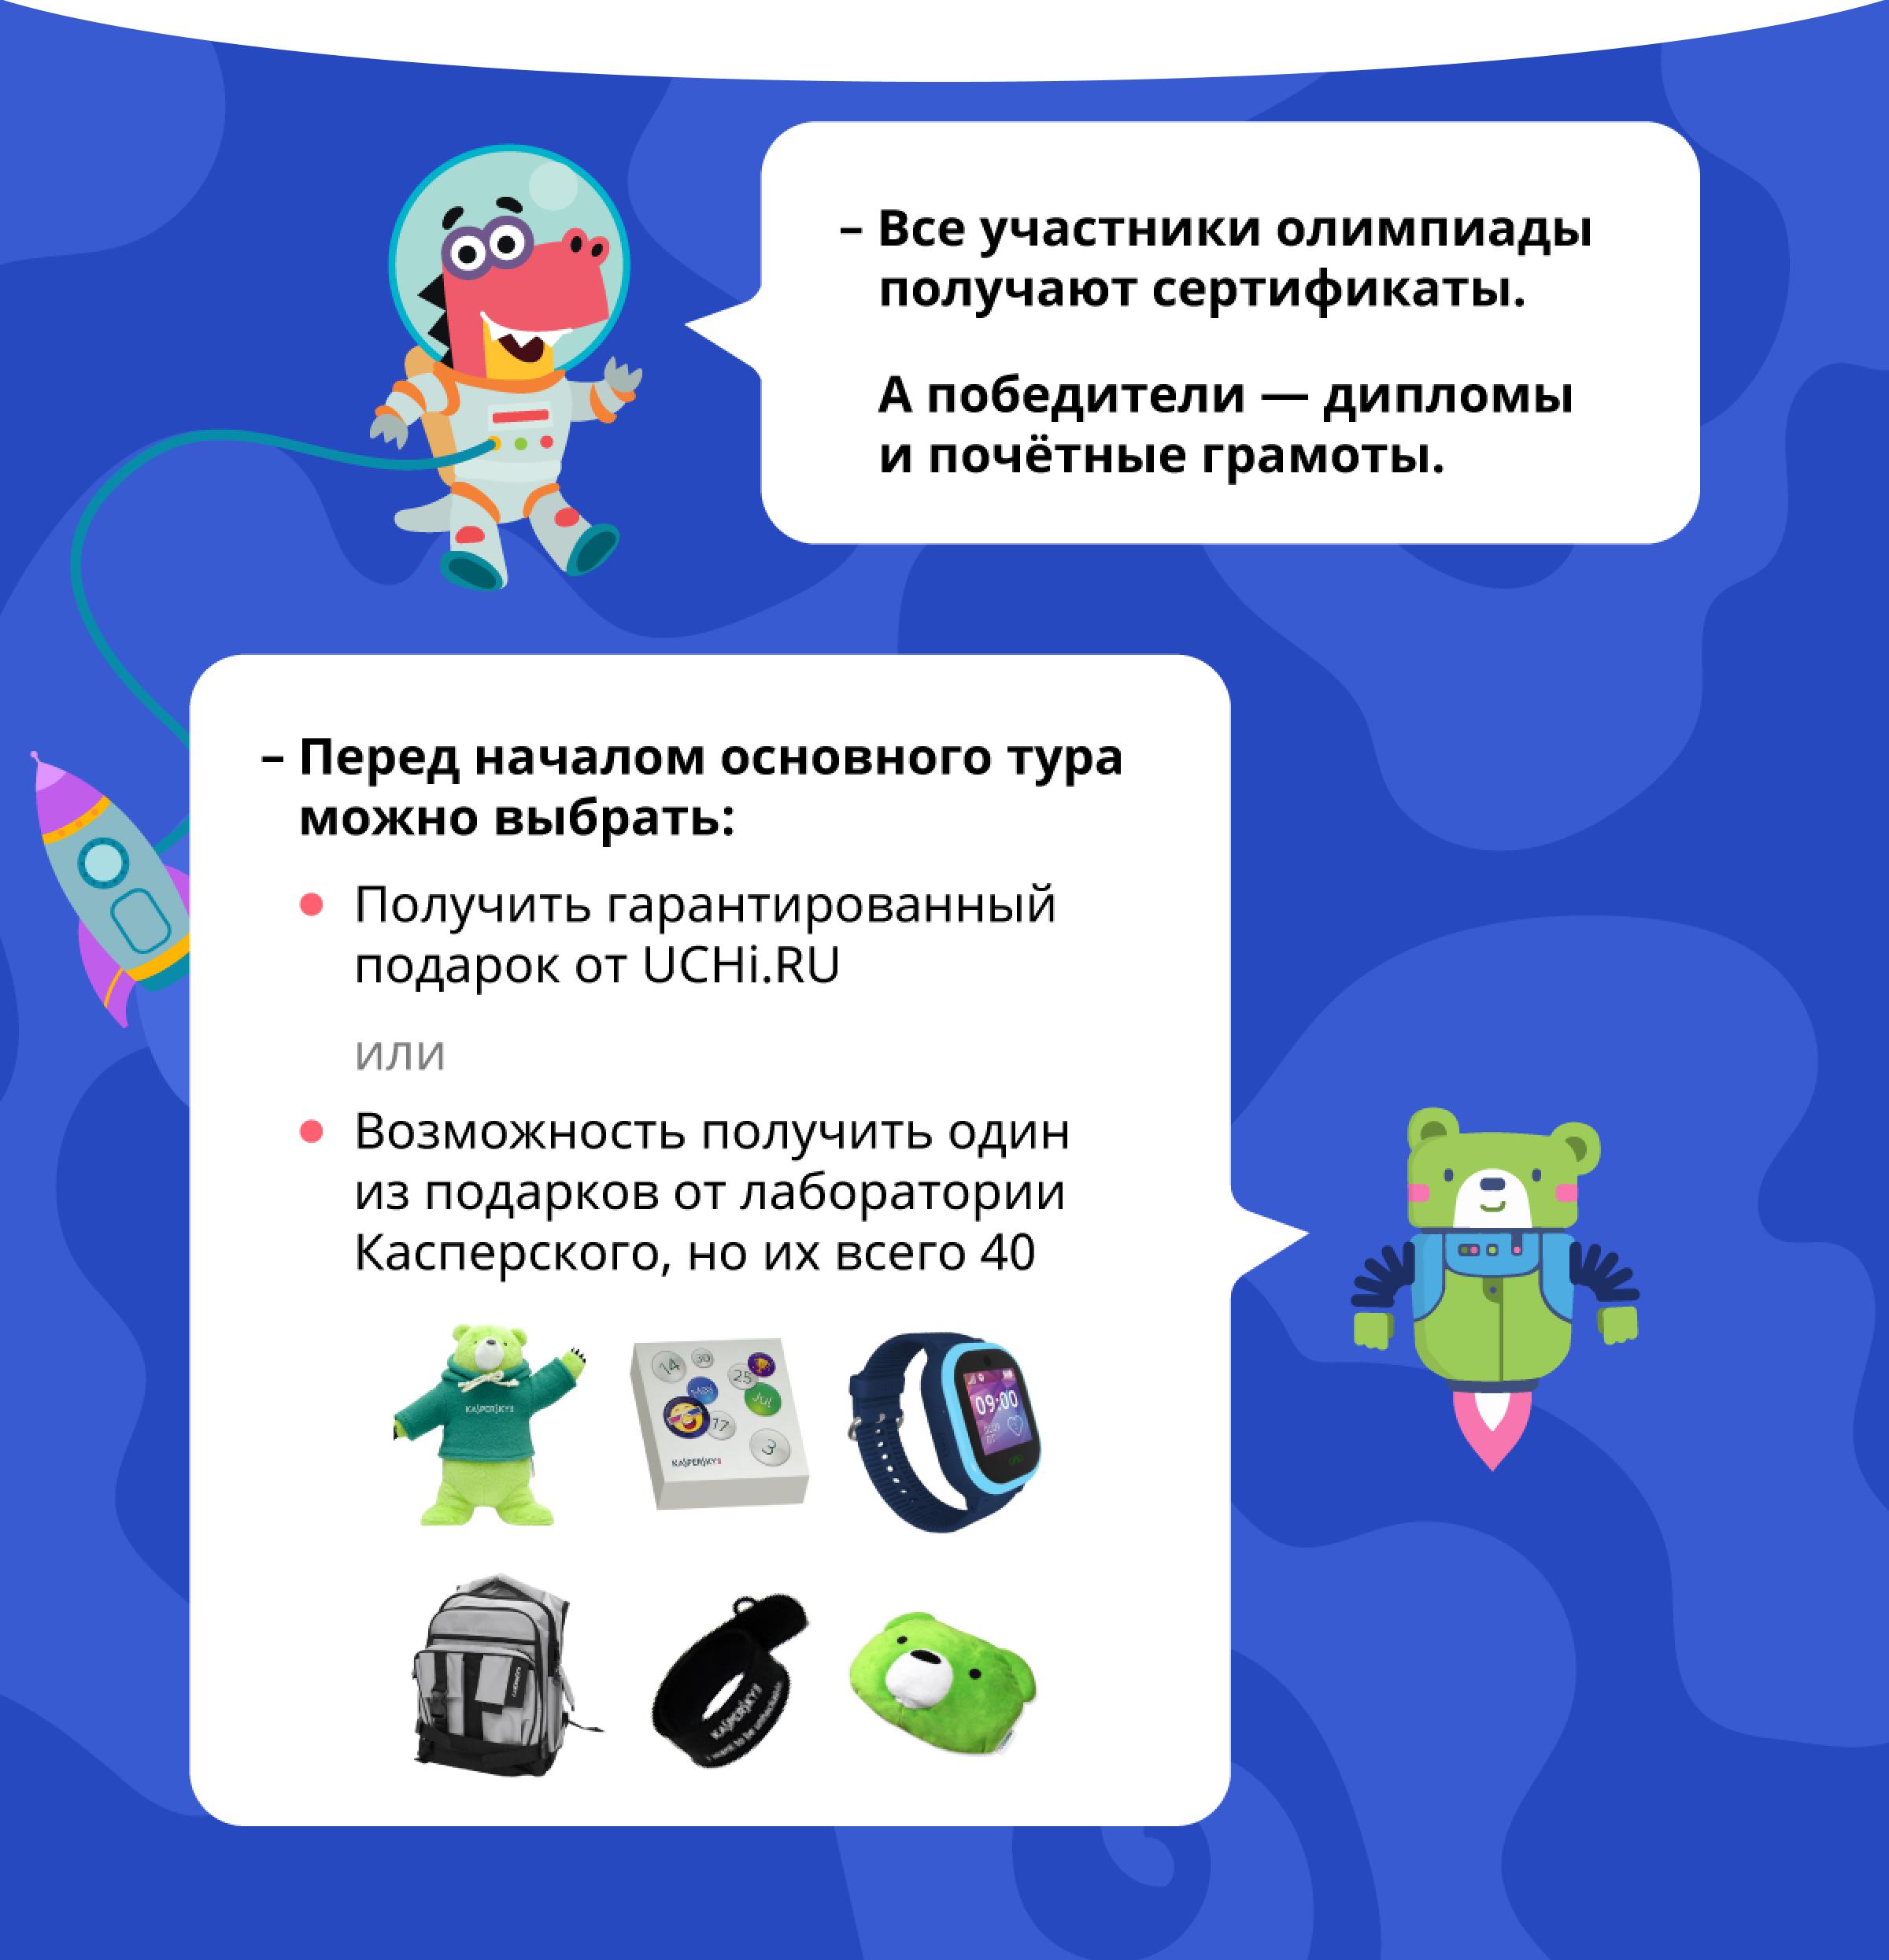 Бесплатный вебинар | 16 декабря в 15:00 и 19:00 | Разбор задач олимпиады «Заврики» по русскому языку для 1-4 классов | Принять участие